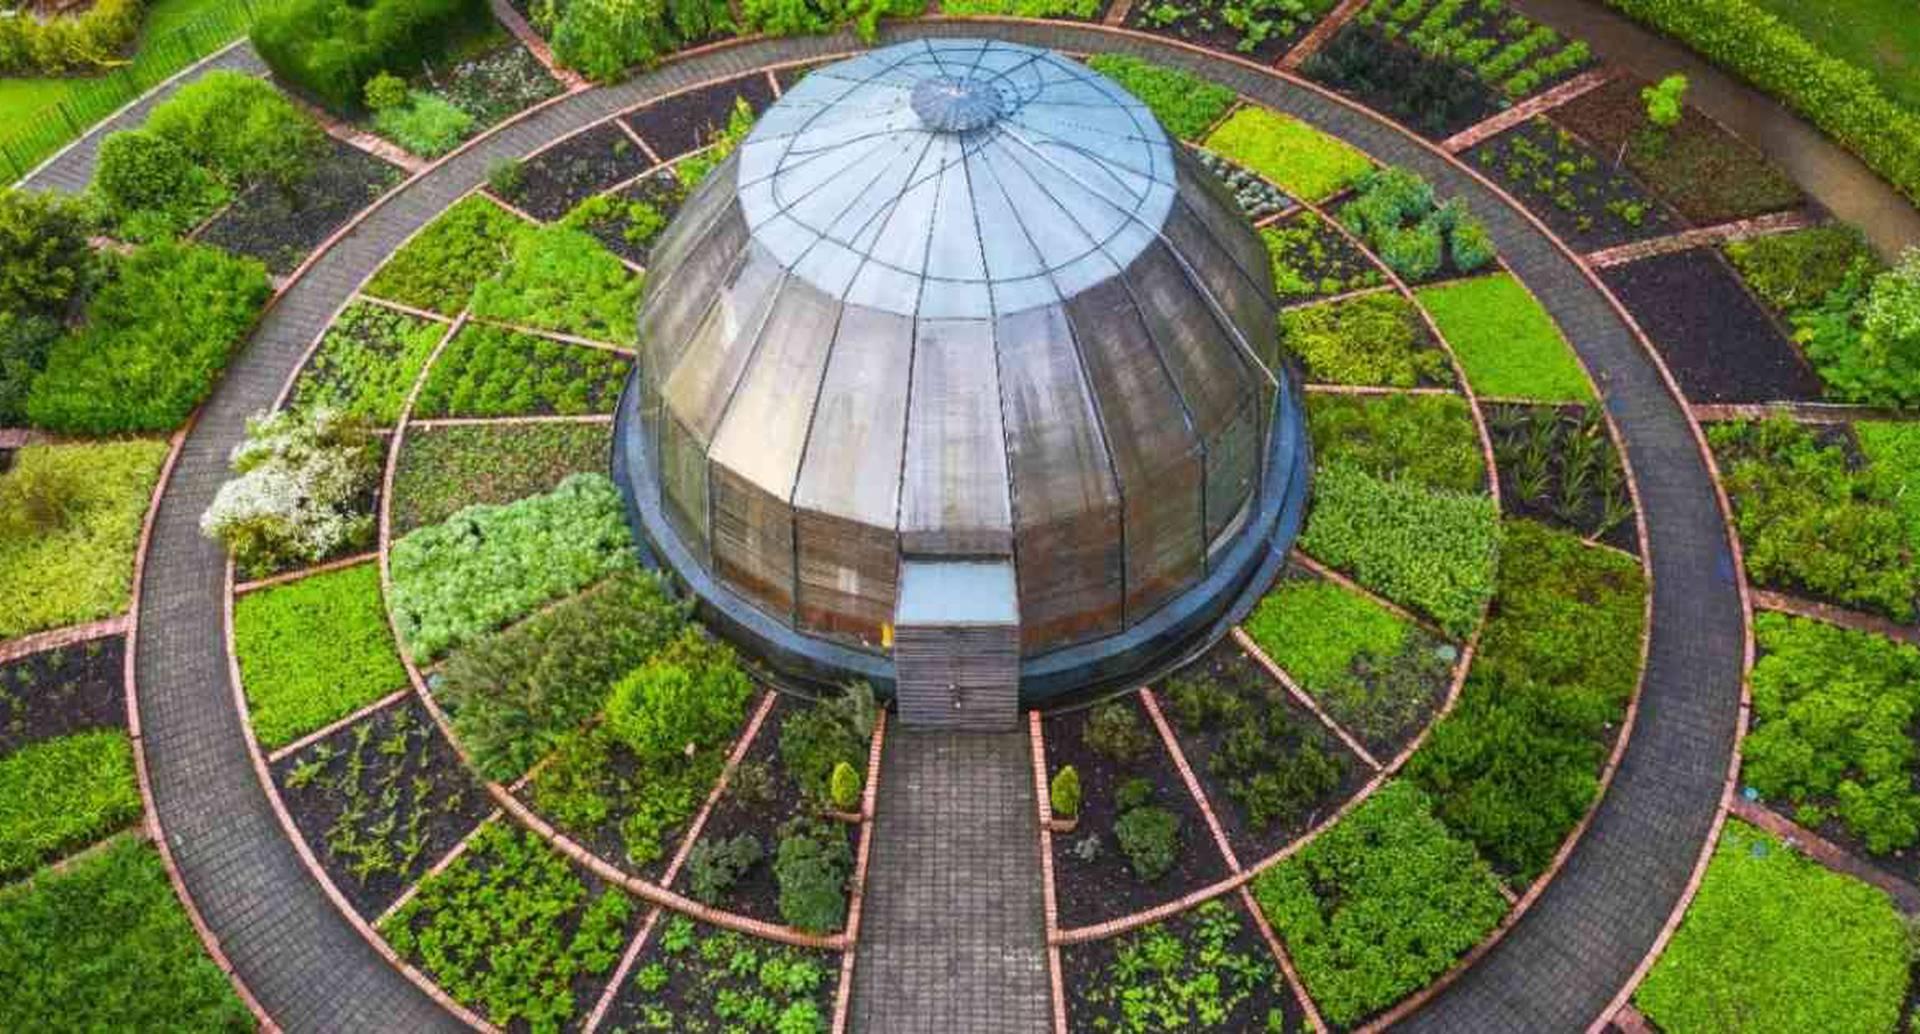 En el Jardín Botánico de Bogotá es posible encontrar cerca de 55.000 individuos de plantas, de es posible encontrar cerca de 55.000 individuos de plantas, de 304 familias y 469 géneros. Foto: JBB.